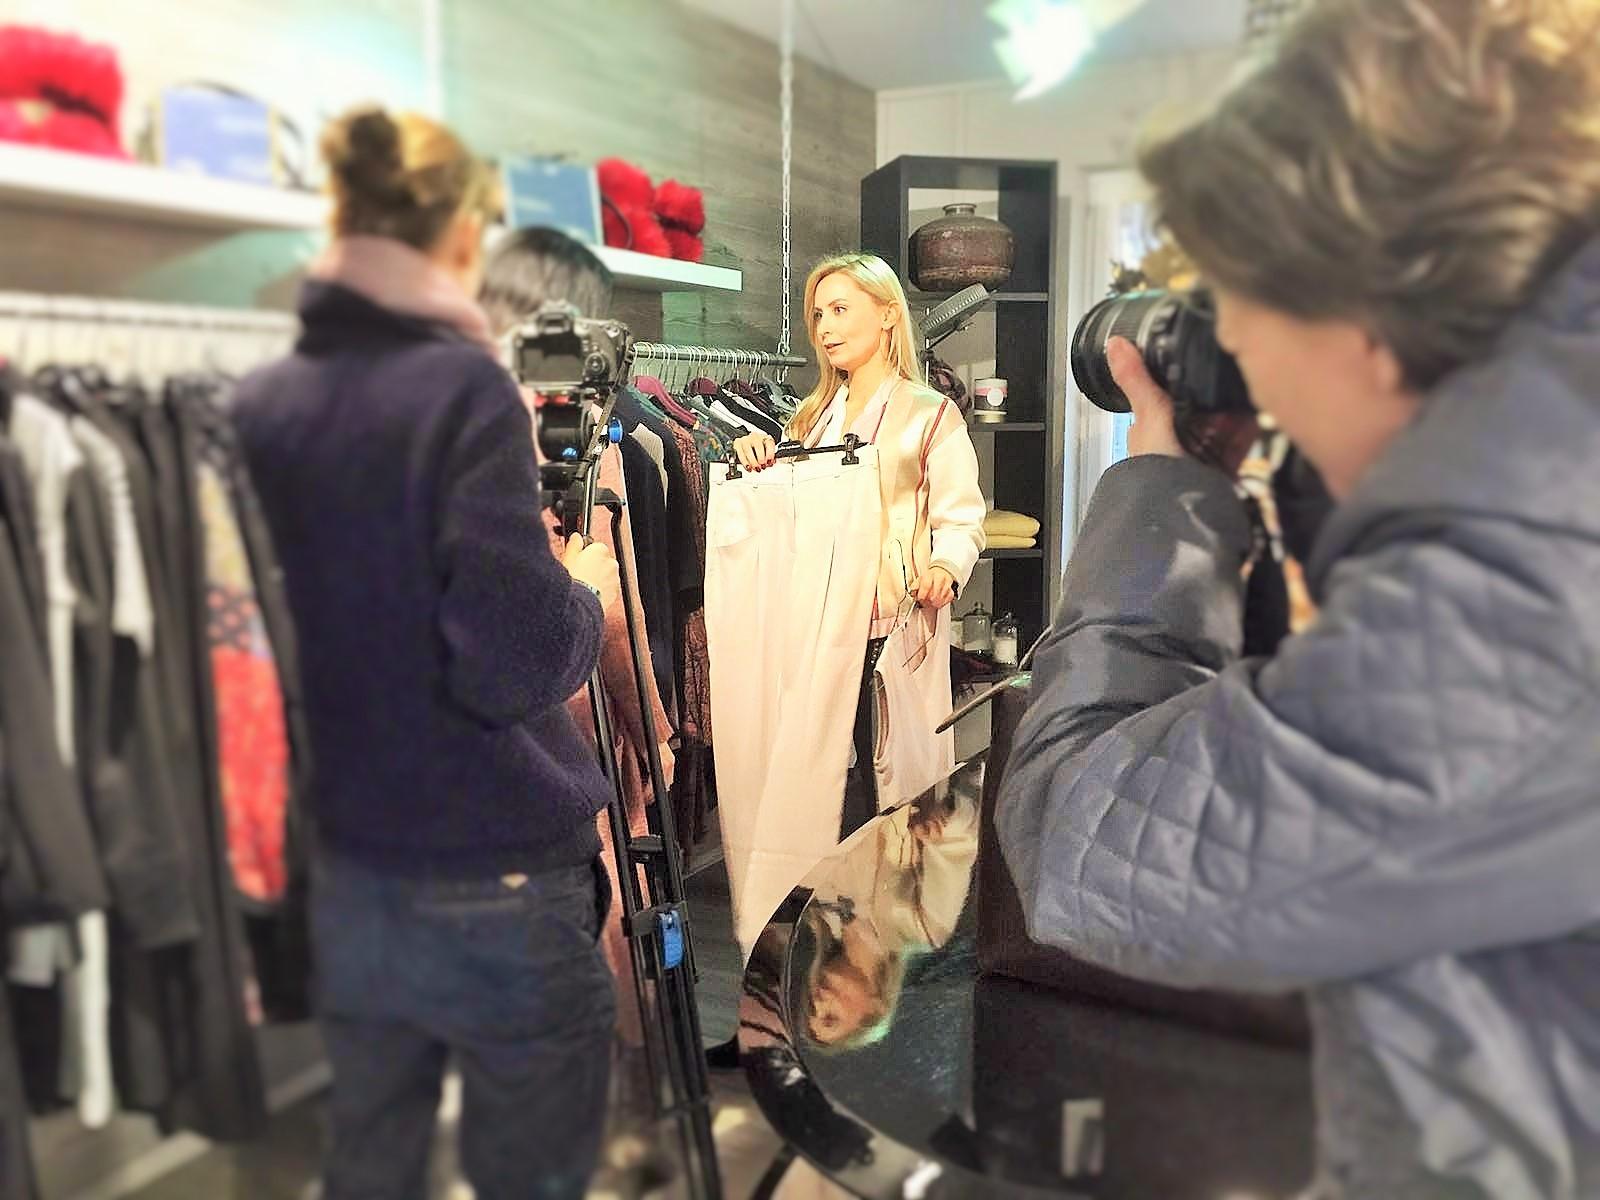 #imländle TV-Look: Anspruchsvoll bescheiden